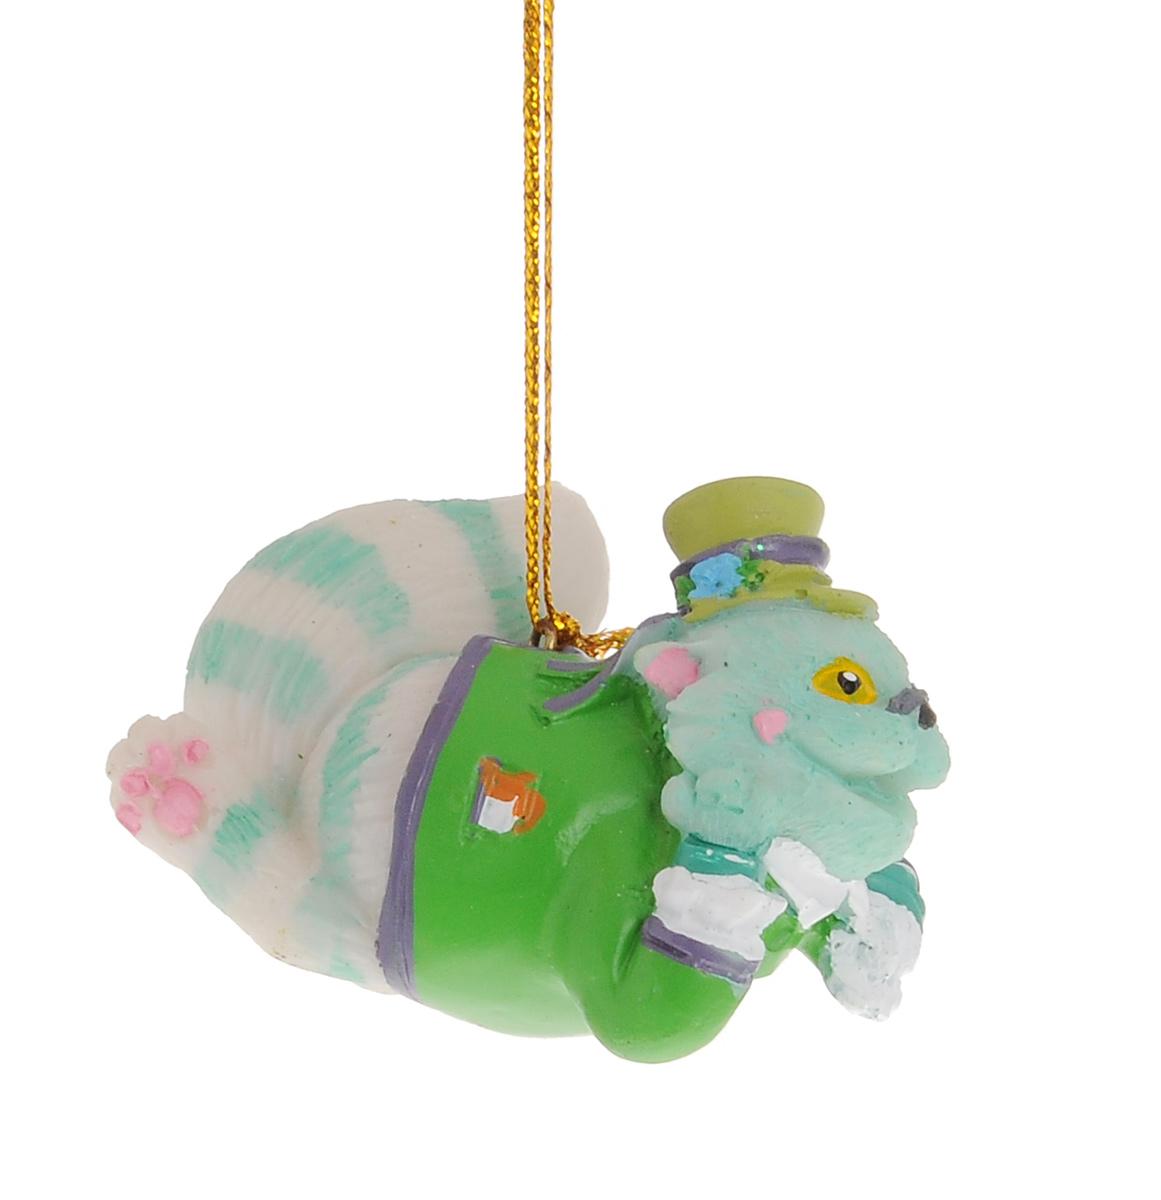 Новогоднее подвесное украшение Феникс-презент Чеширский кот38262Новогоднее украшение Феникс-презент Чеширский кот отлично подойдет для декорации вашего дома и праздничной ели. Изделие выполнено из полирезина в виде кота в шляпе и оснащено текстильной петелькой для подвешивания.Елочная игрушка - символ Нового года. Она несет в себе волшебство и красоту праздника. Создайте в своем доме атмосферу веселья и радости, украшая всей семьей новогоднюю елку нарядными игрушками, которые будут из года в год накапливать теплоту воспоминаний.